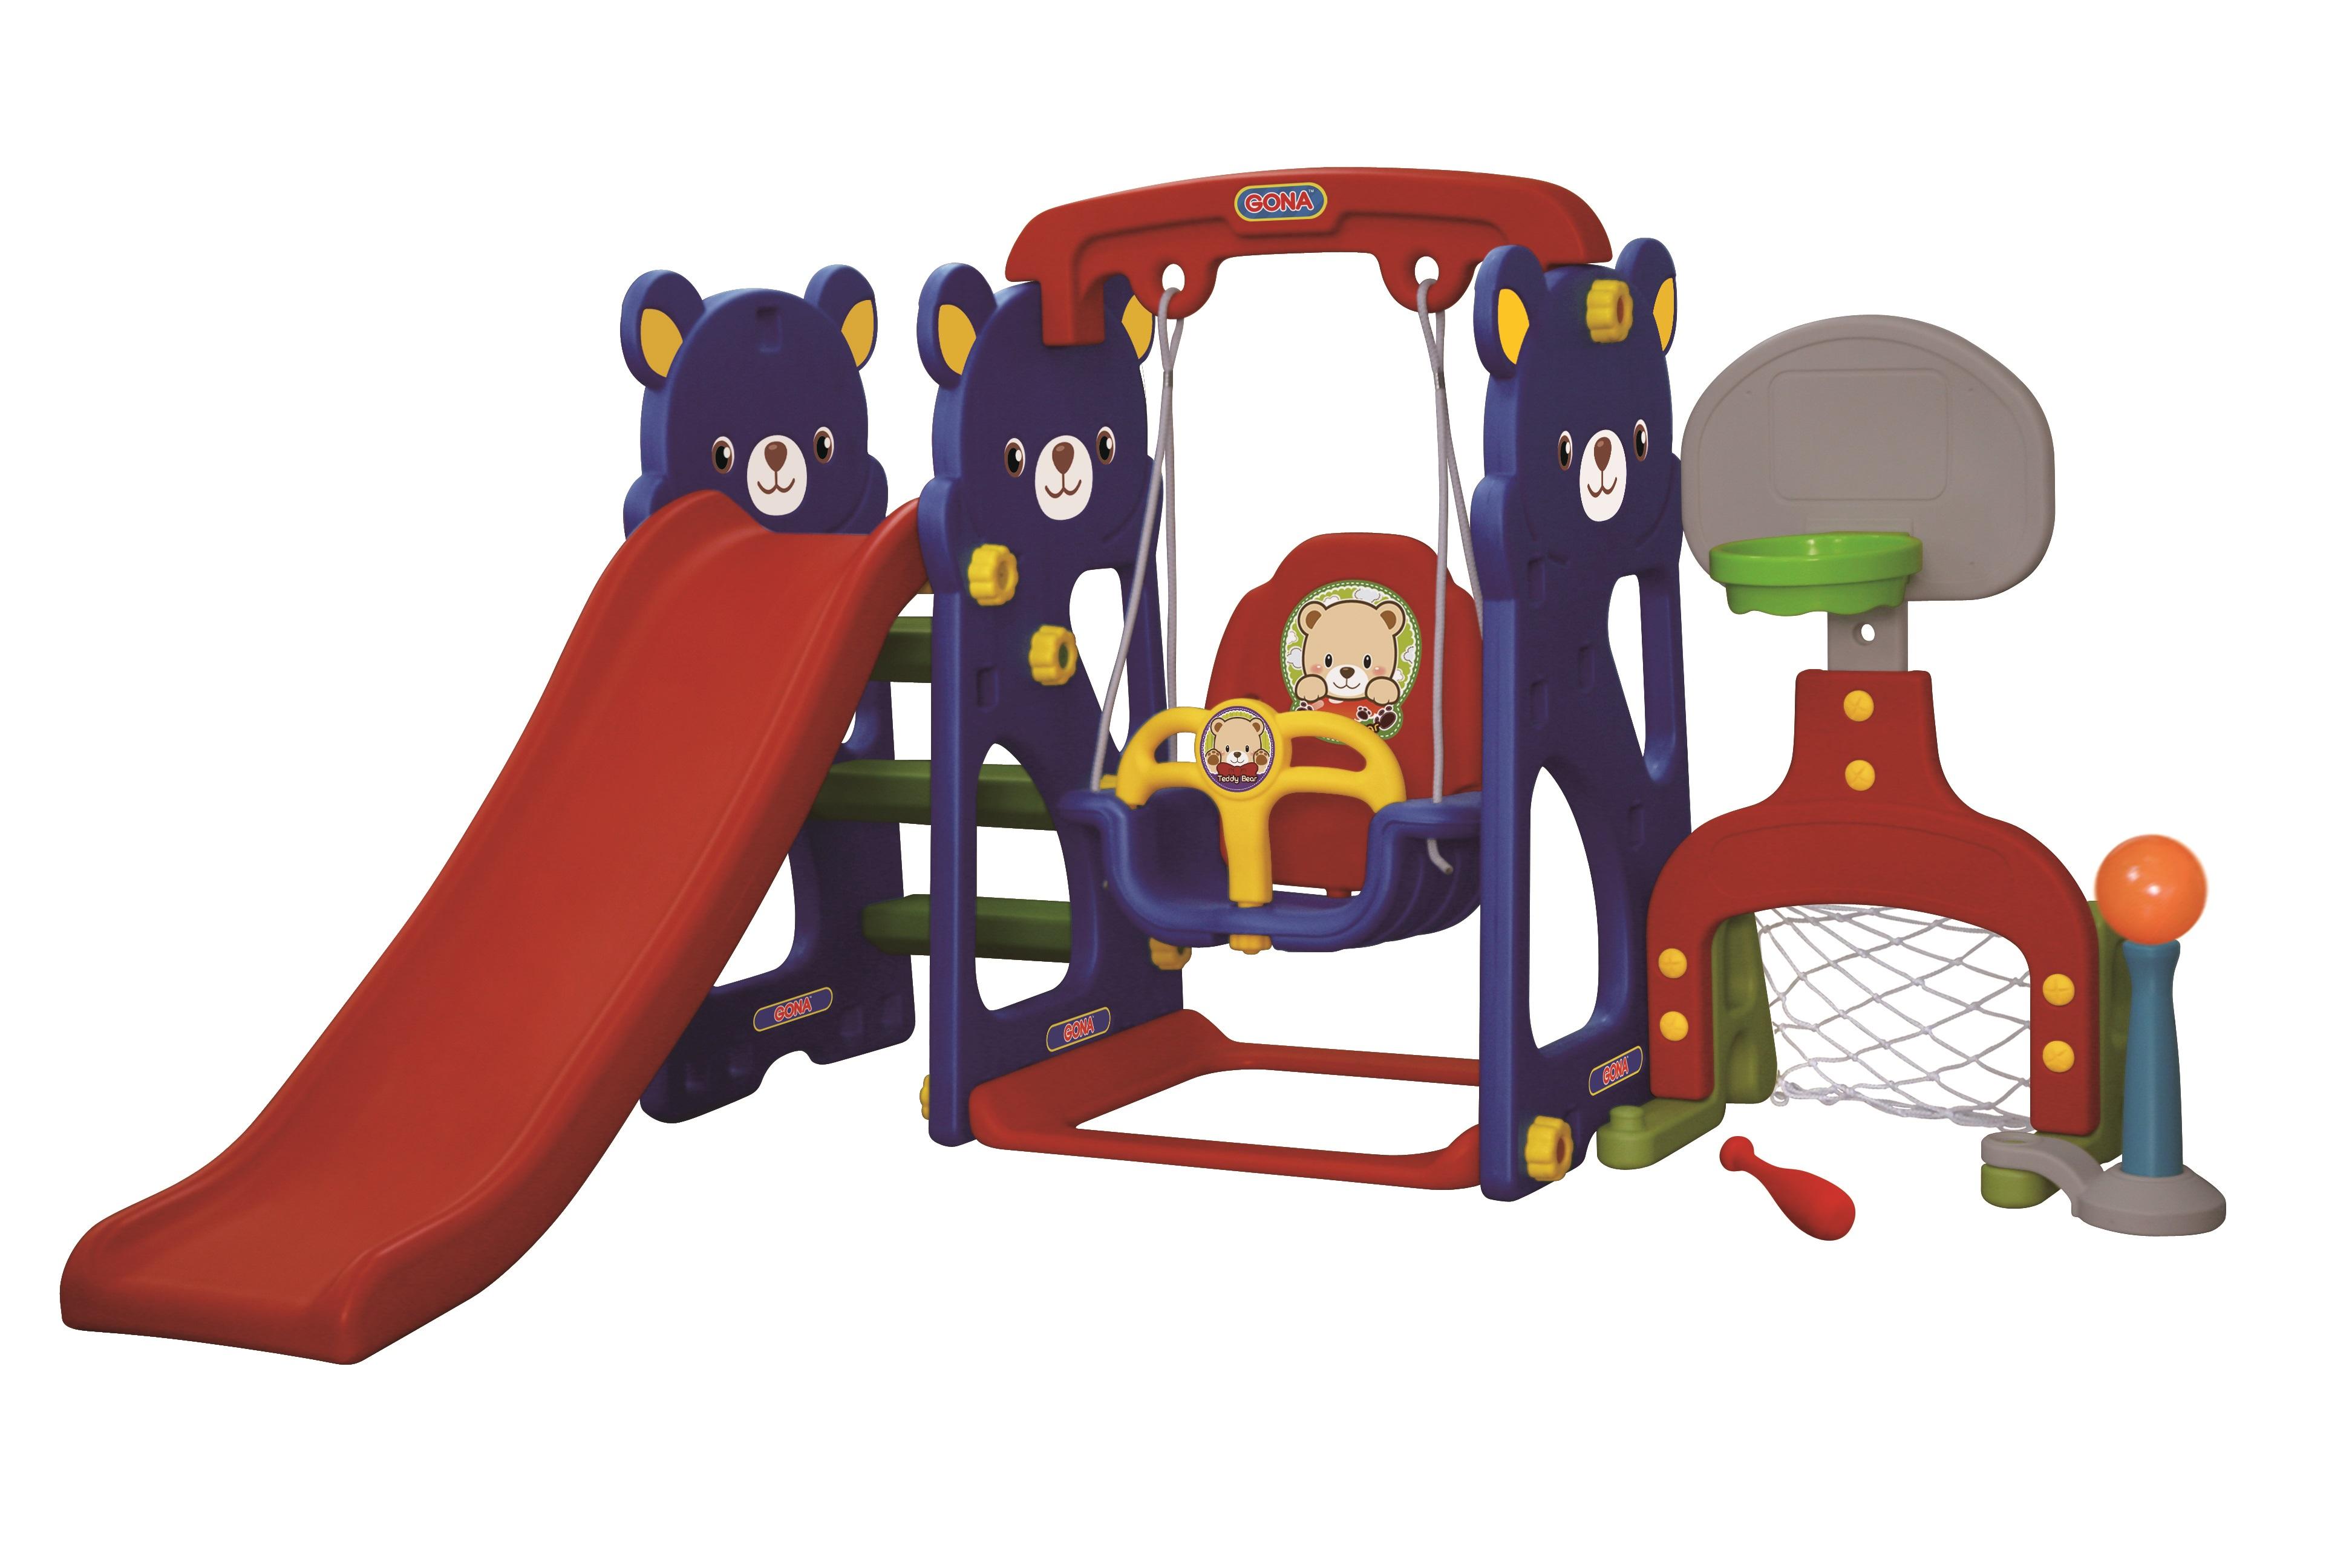 Игровая зона Мишка с качелями с музыкальной панелью, футбольными воротами и баскетбольным кольцом - Детские игровые горки, артикул: 161471